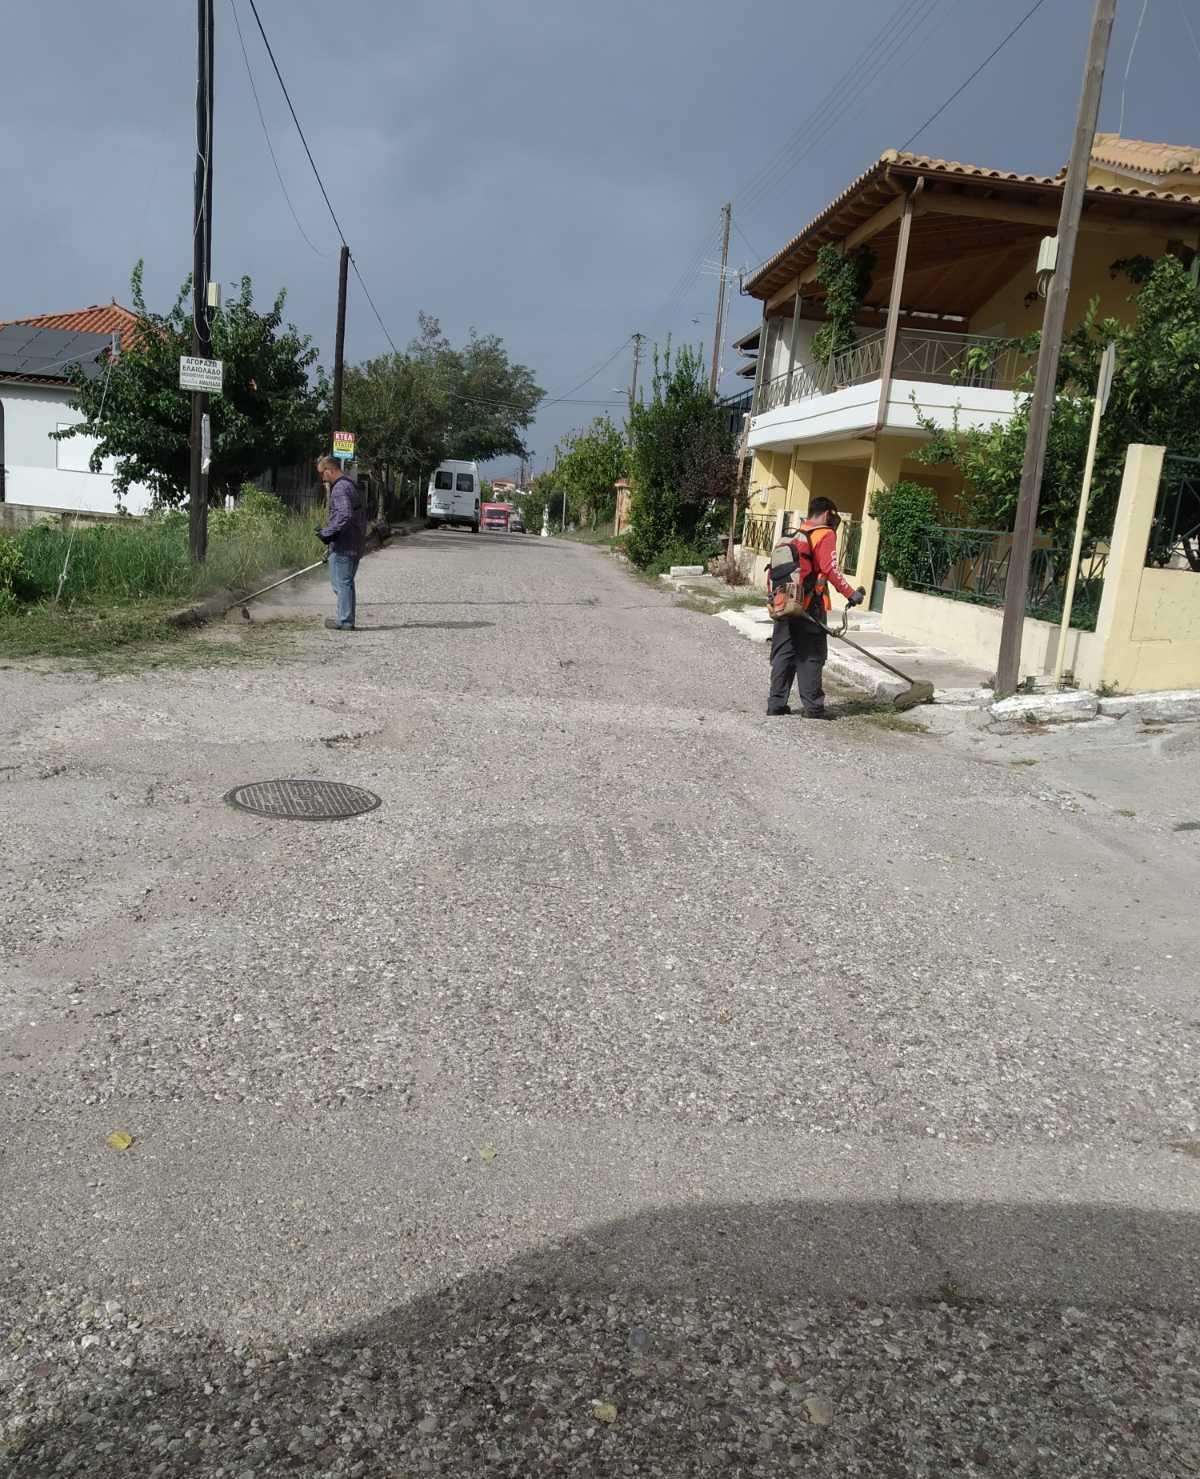 Καίριες παρεμβάσεις σε όλο  το δήμο Ανδρίτσαινας-Κρεστένων - Διον. Μπαλιούκος: «Γίνεται σημαντική δουλειά στα χωριά μας»